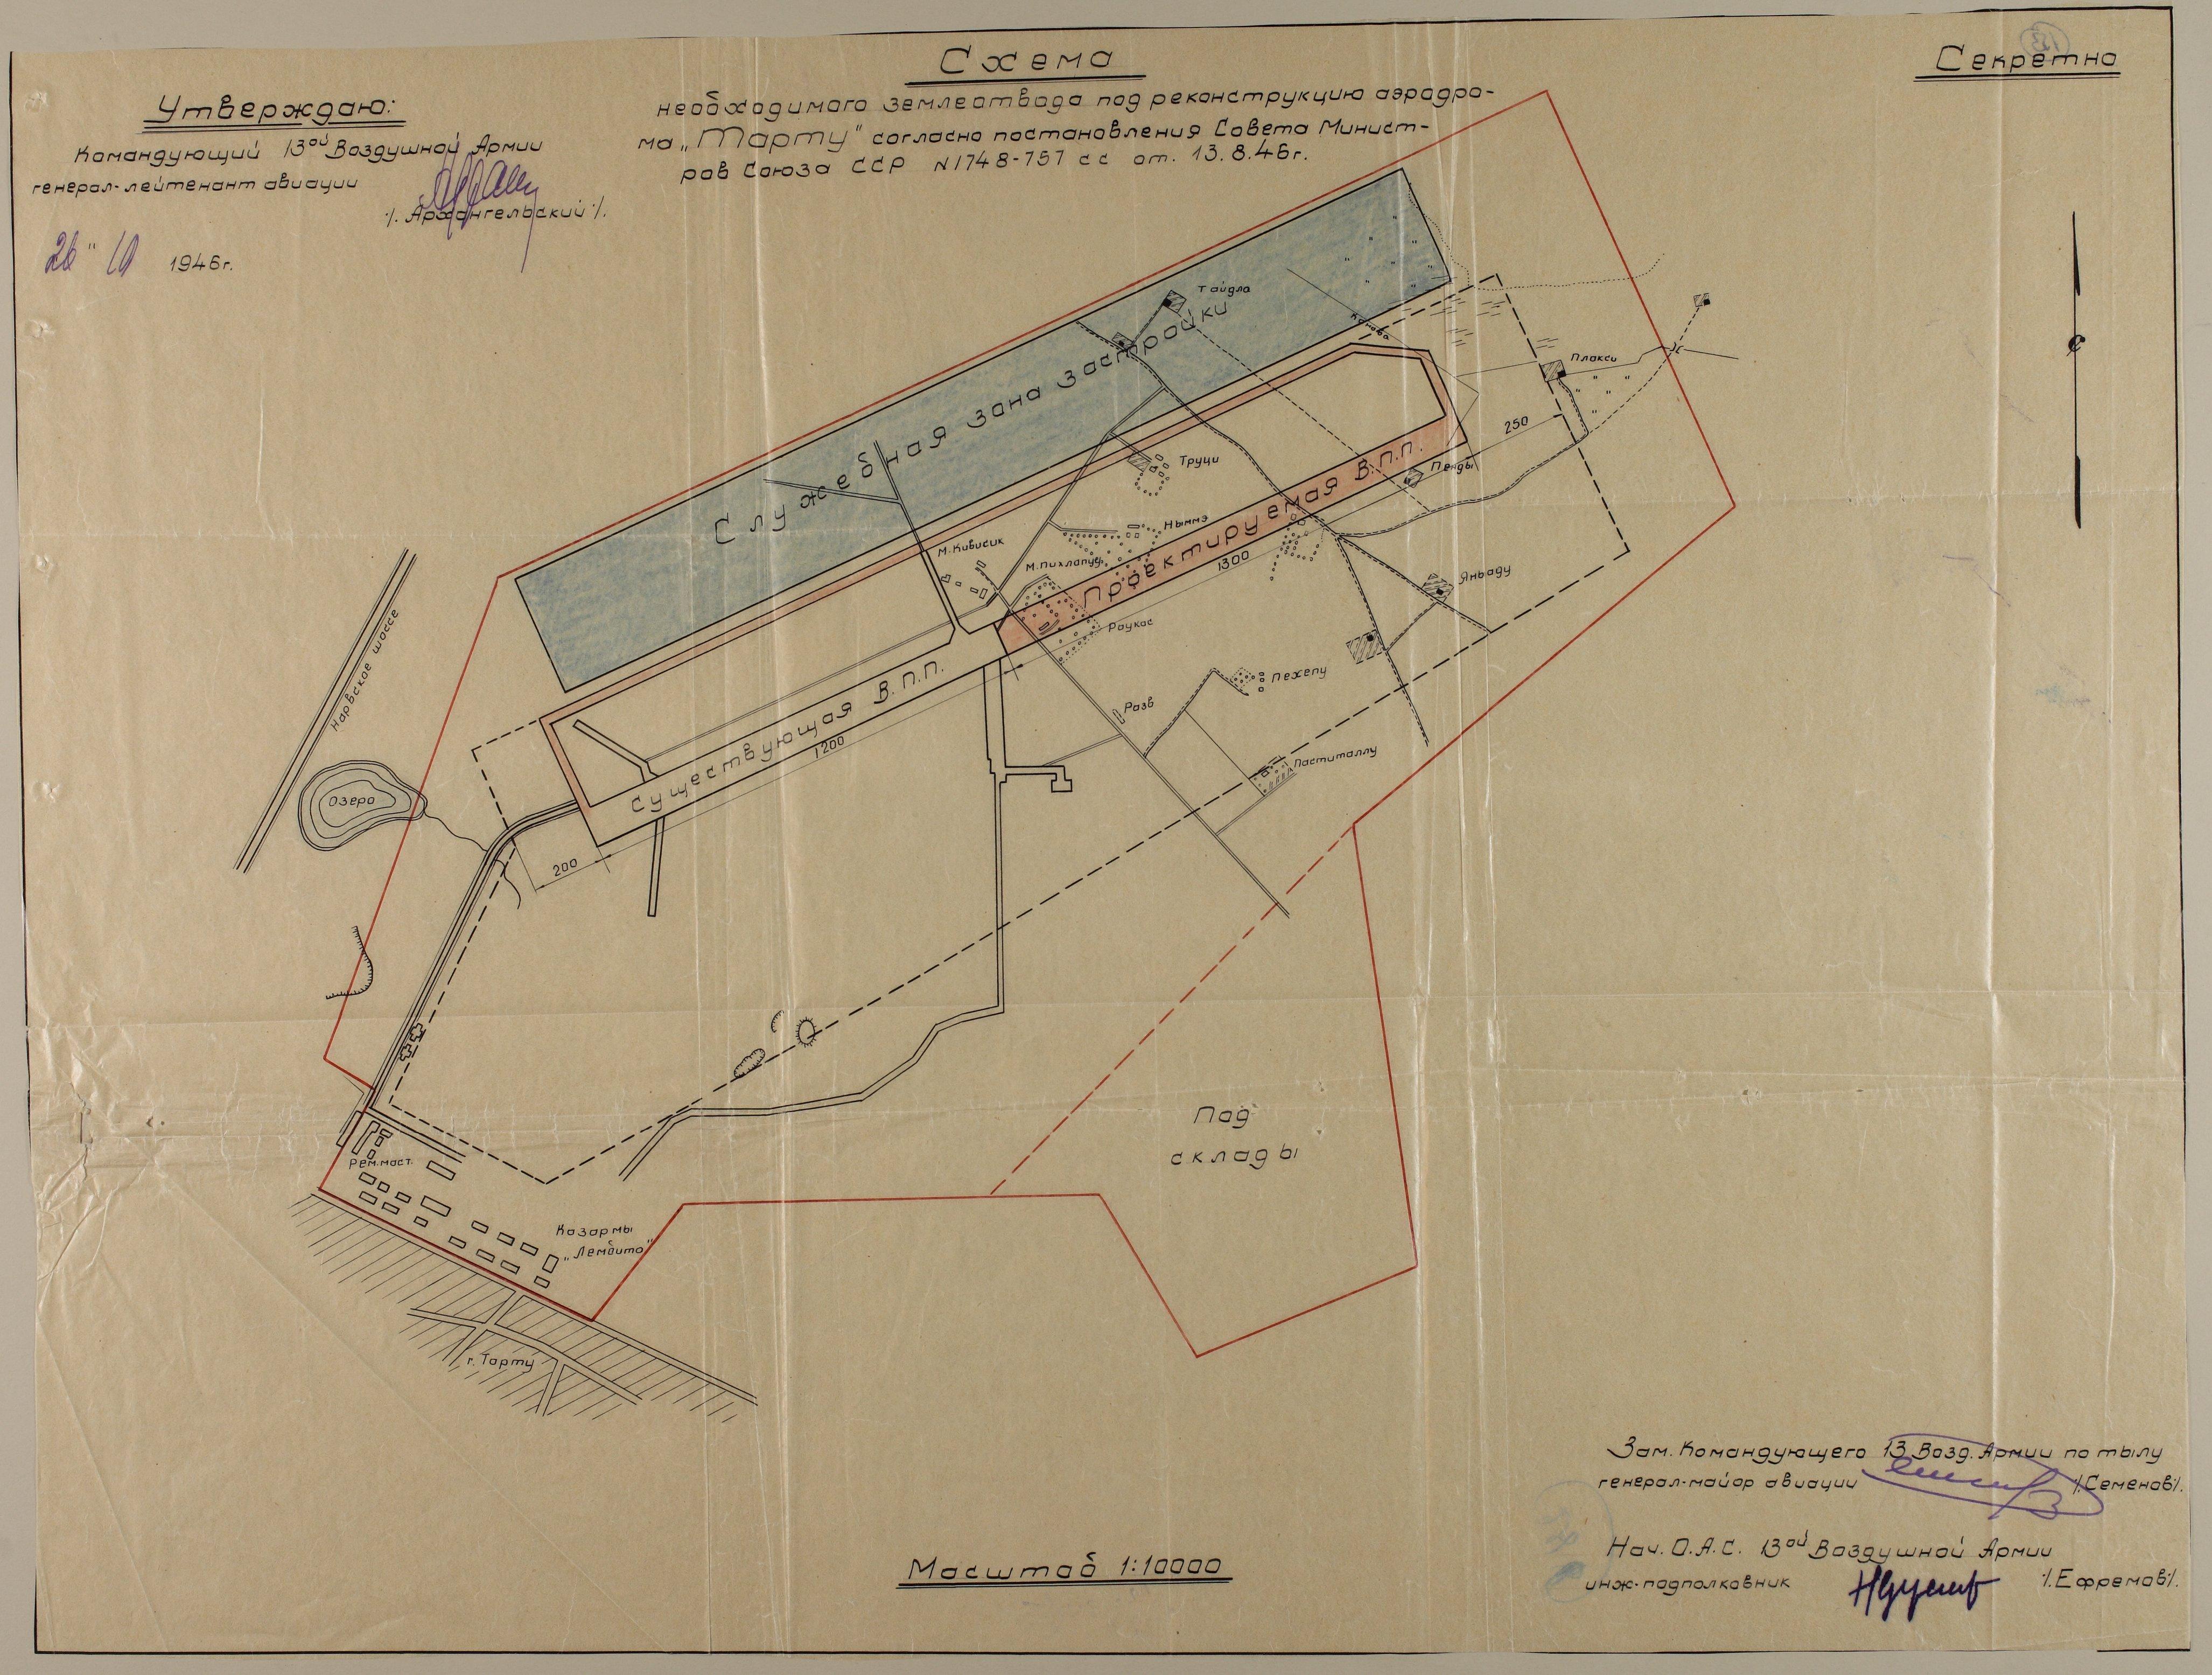 ERA.R-1.16.33.153. NSVL Ministrite Nõukogu määrusega 13.aug.1946 kinnitatud Raadi sõjaväelennuvälja esialgne plaan. Märkimata on Raadi mõisa varemed järve ääres.